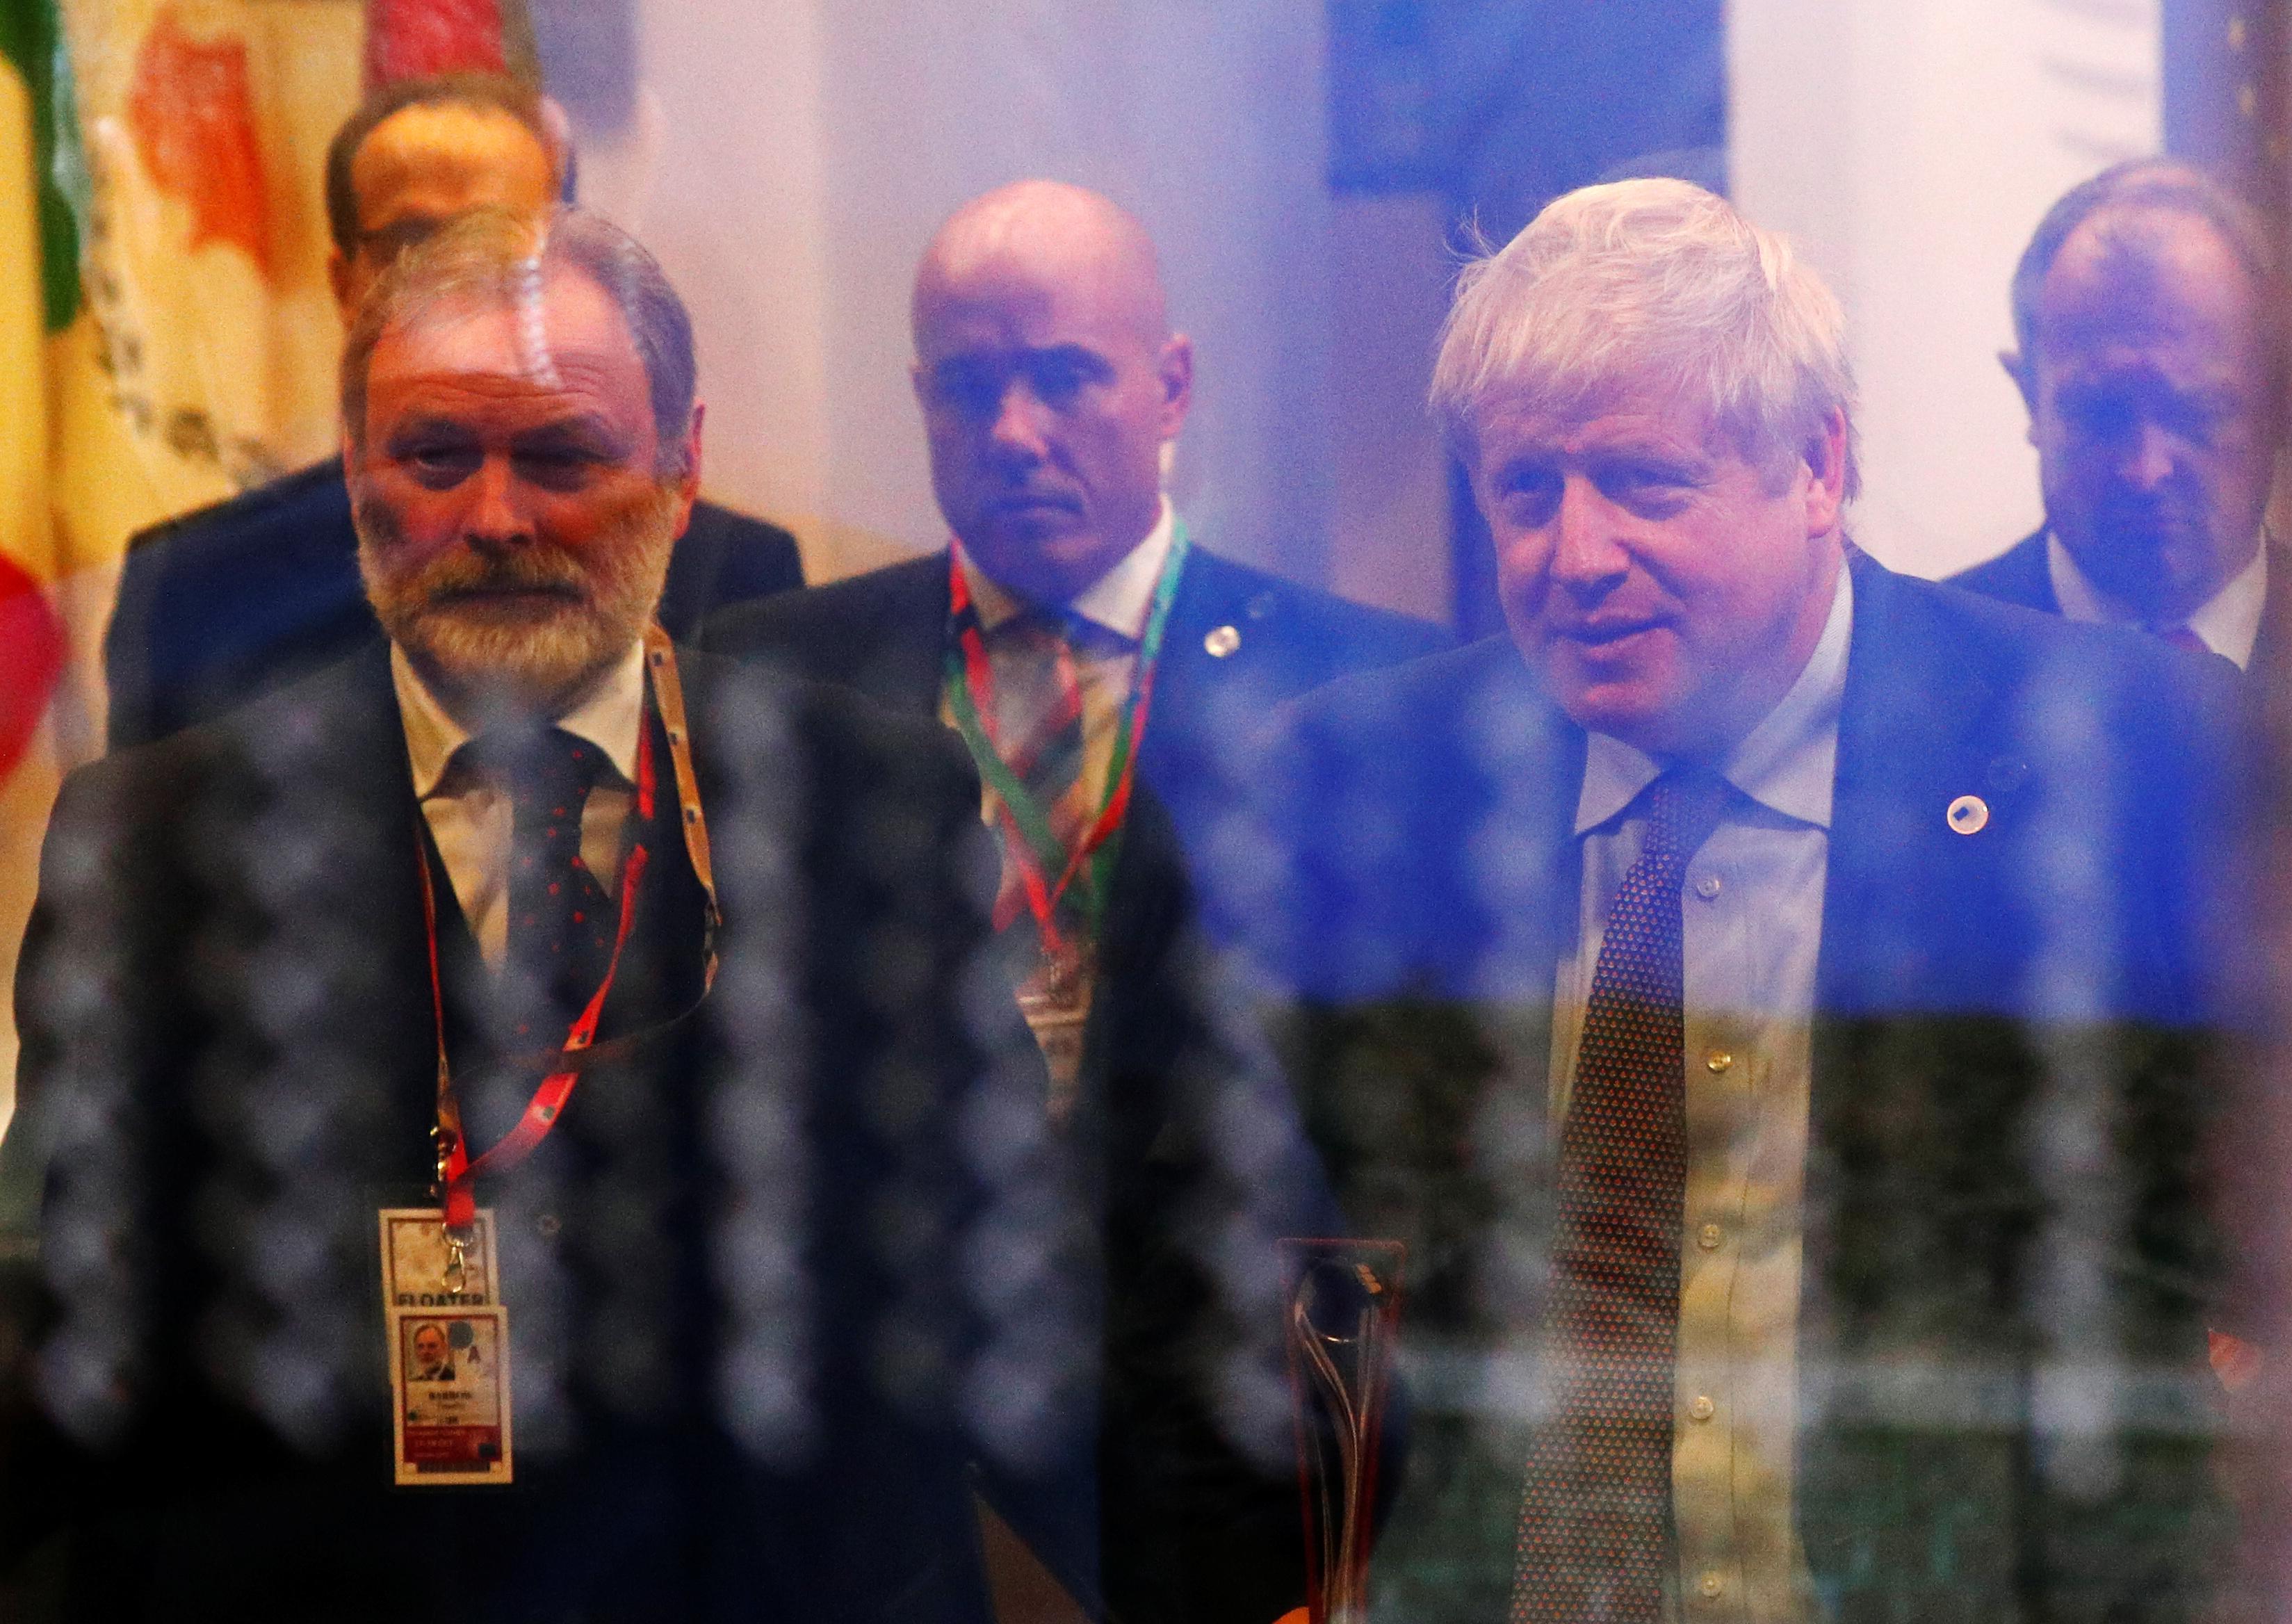 """Από τα Φόκλαντς στο Brexit – """"Μεγάλο Σάββατο"""" για τον Μπόρις Τζόνσον – Ο «μαγικός αριθμός» 320 και η παράταση"""